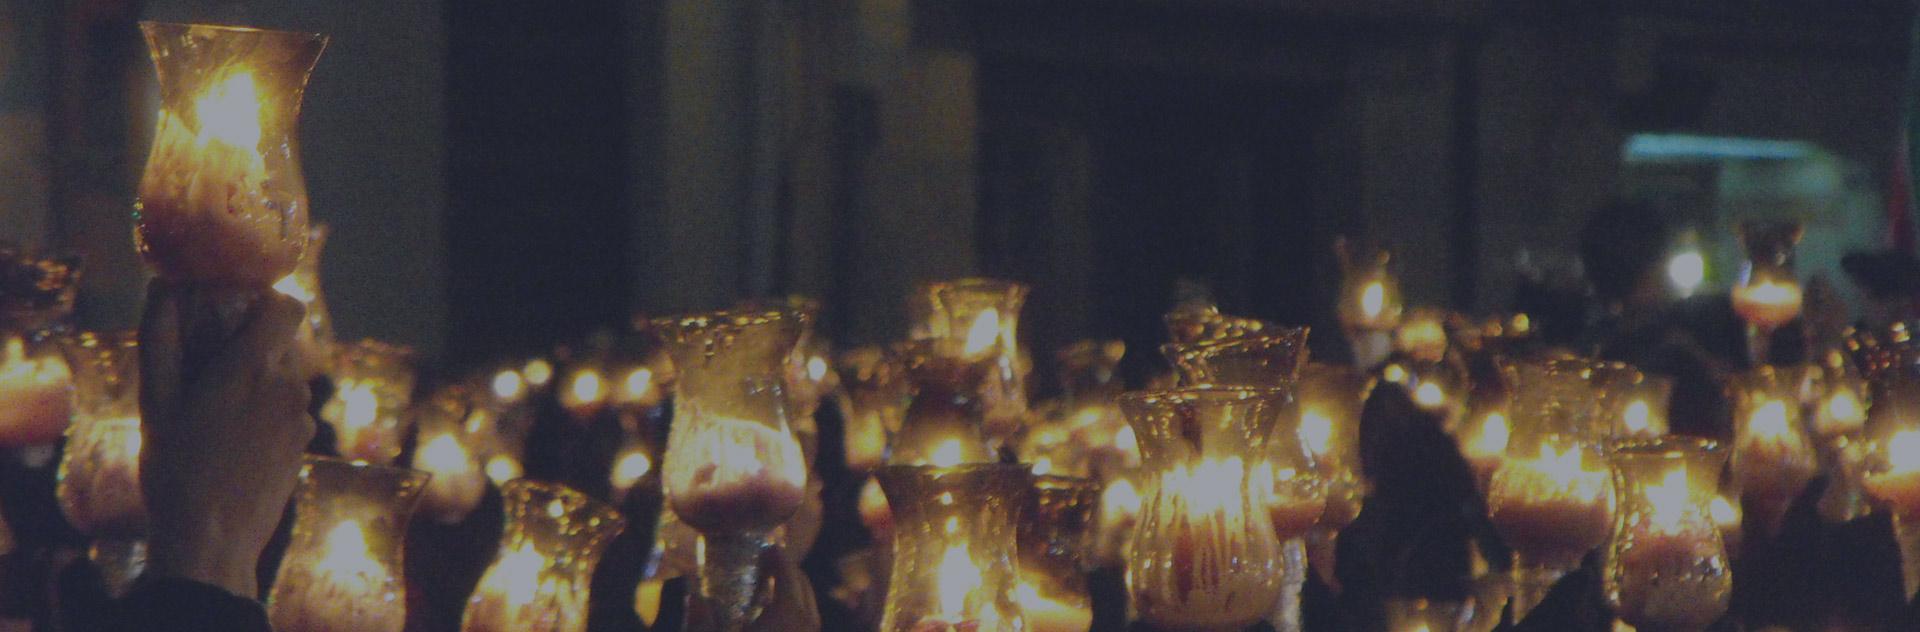 Tulipas procesión Virgen de la Soledad